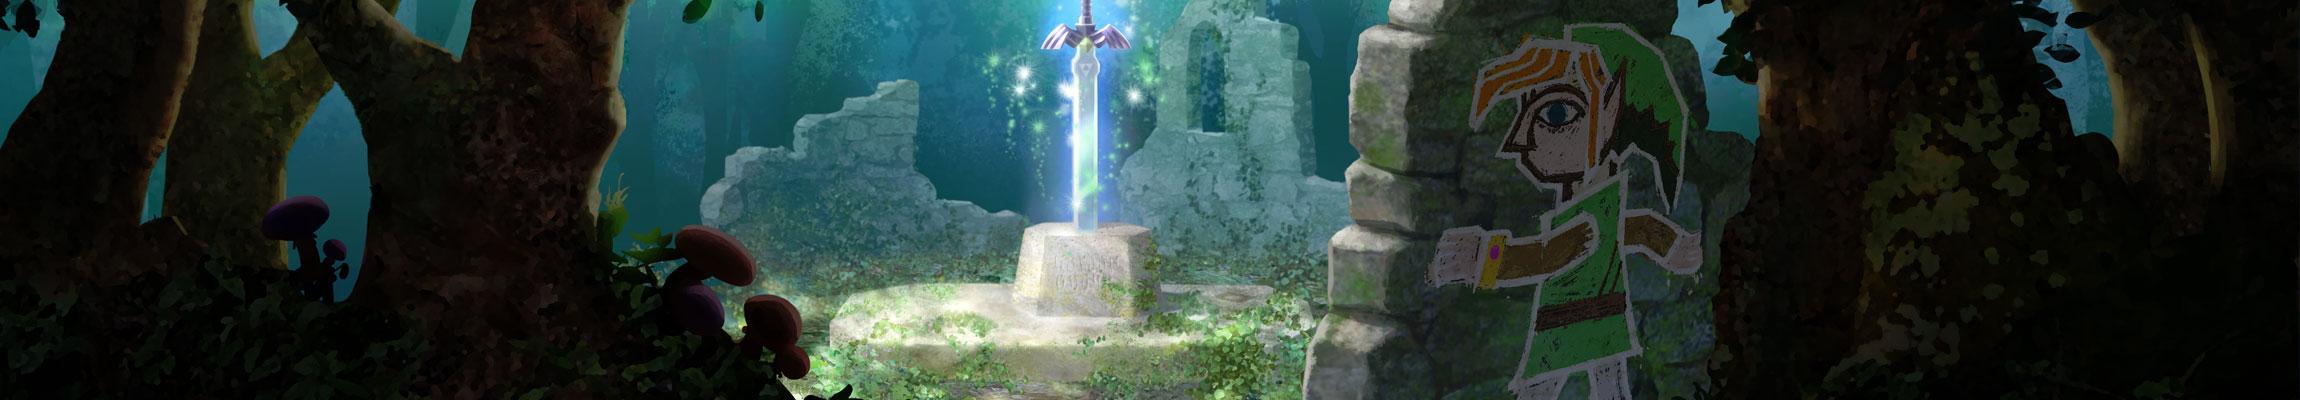 Legend Of Zelda - A Link Between Worlds